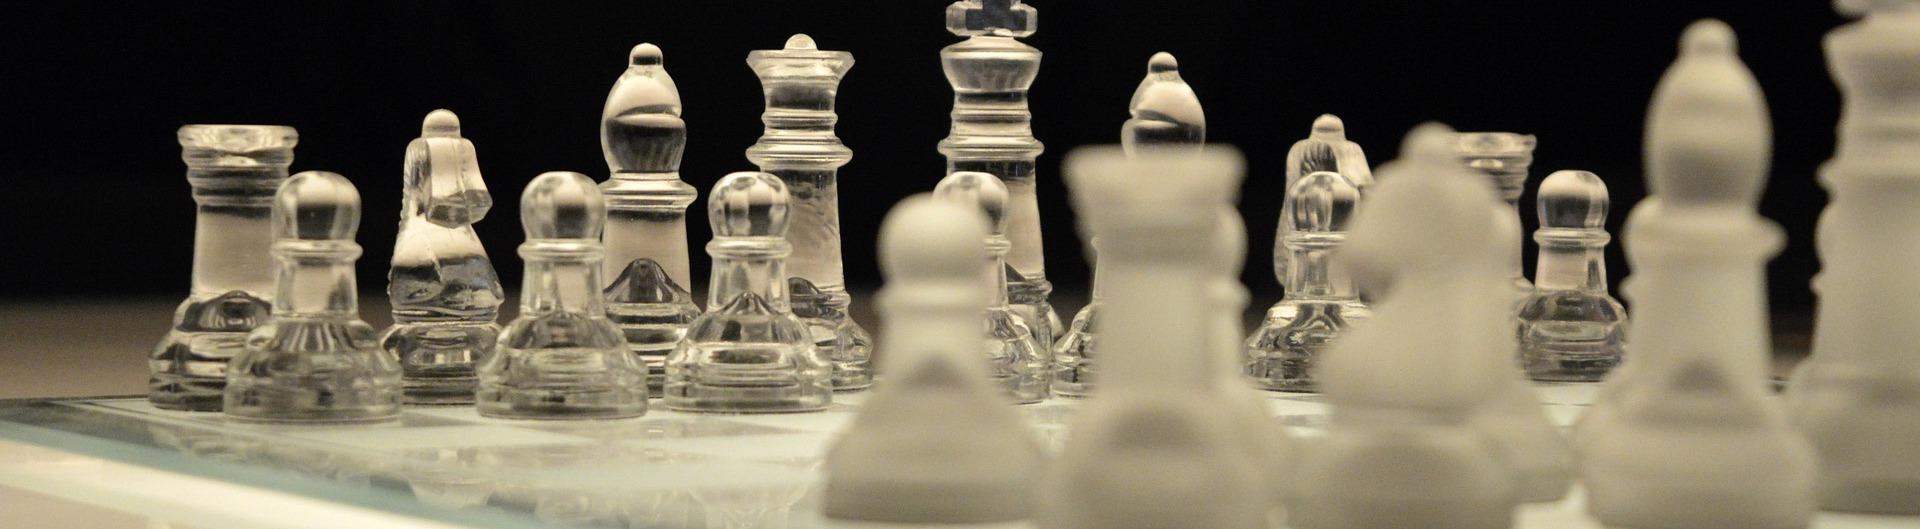 Chess 433071 1920